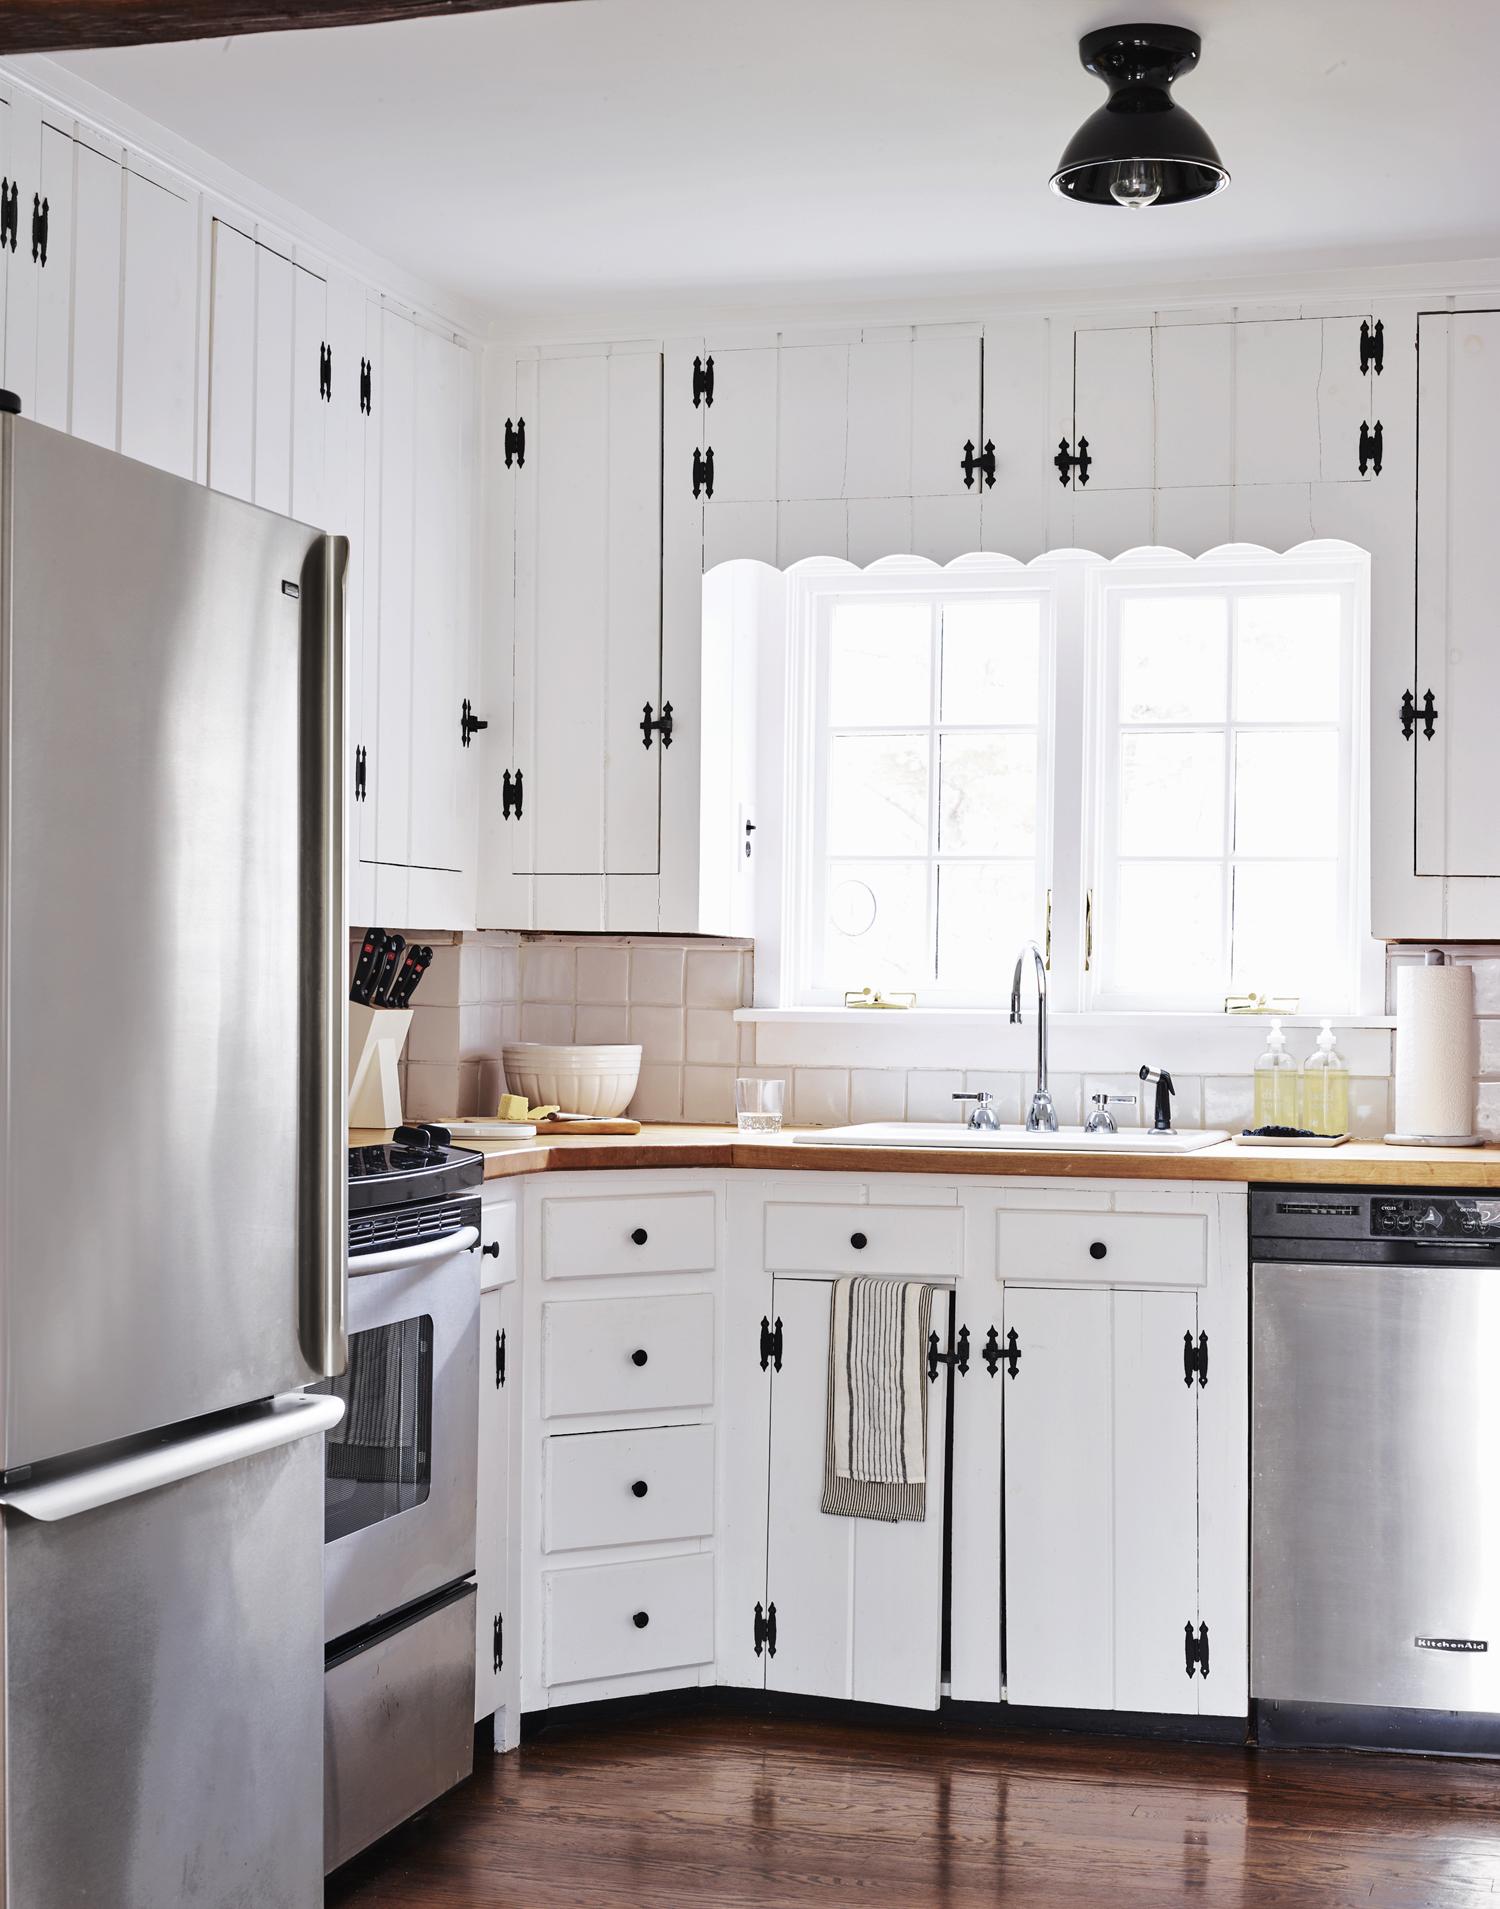 re_kitchen_1630711_re_72.jpg